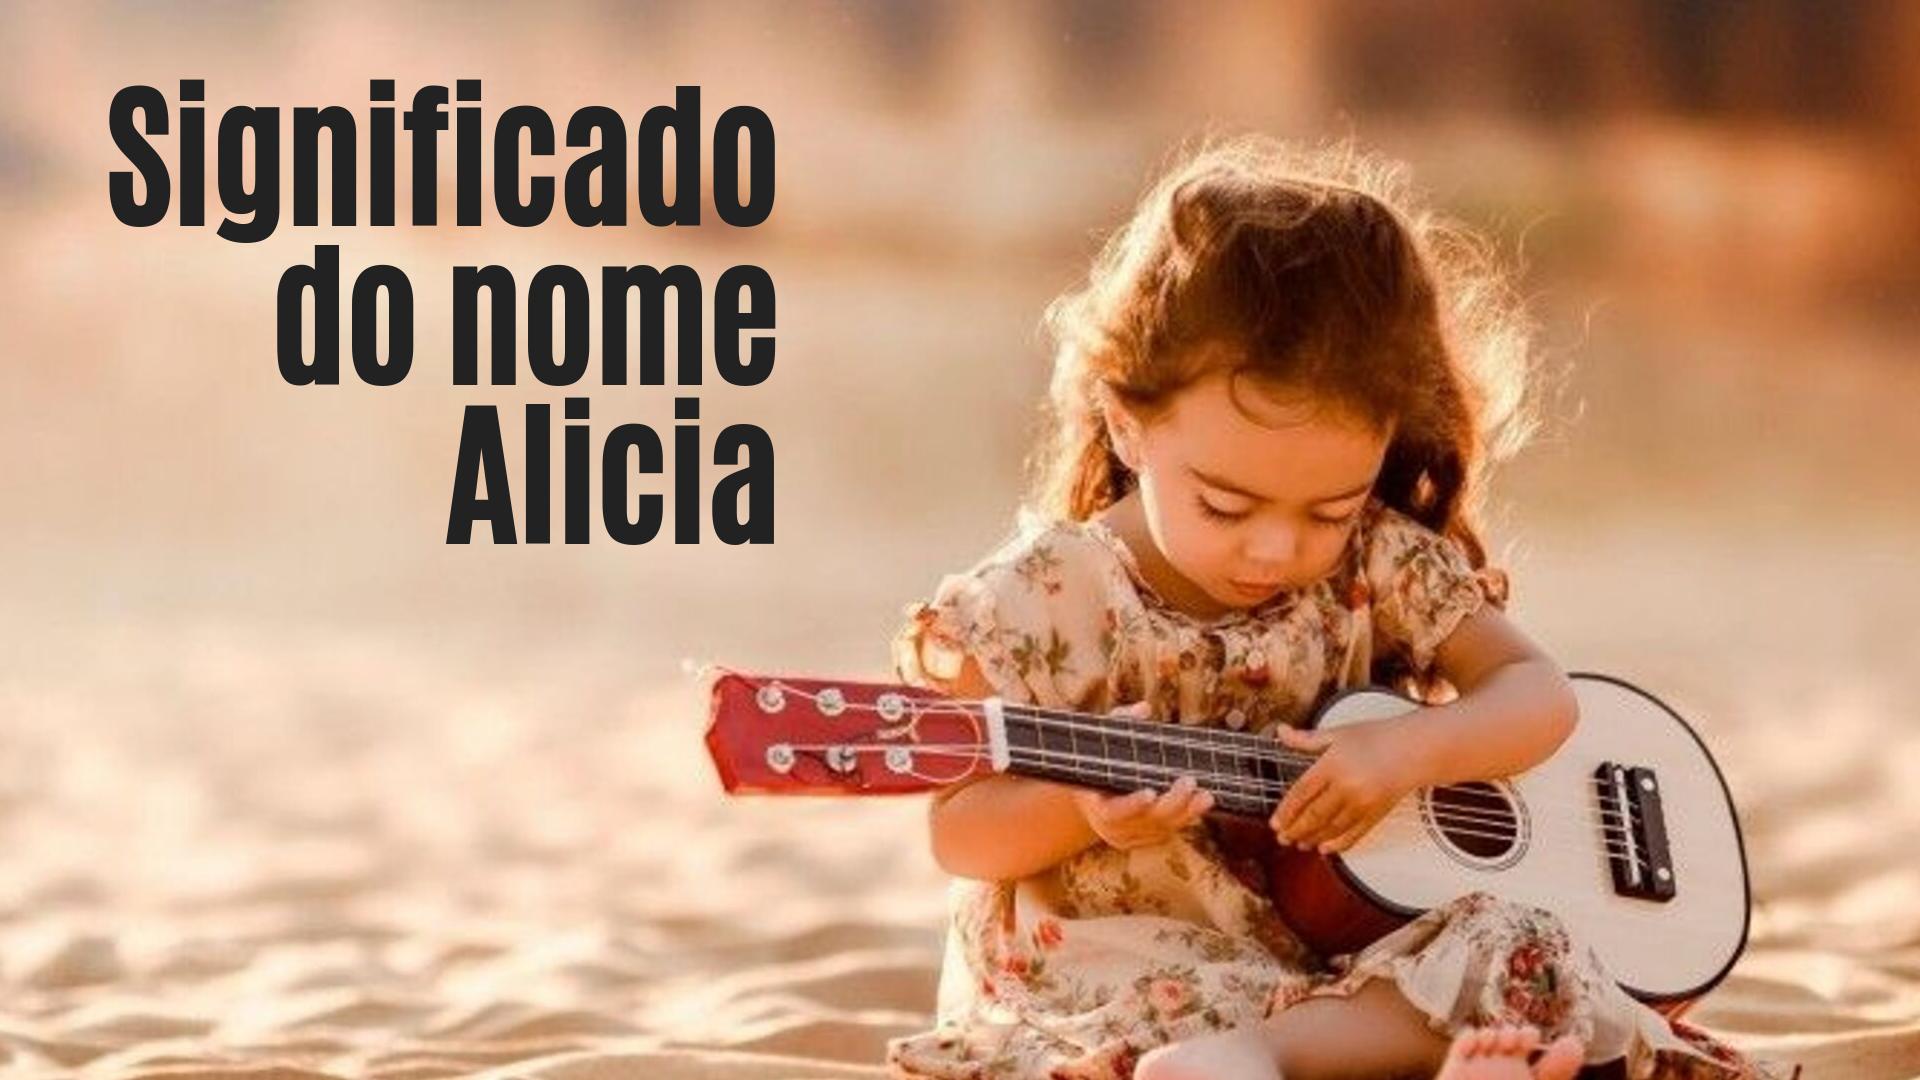 foto escrita significado do nome alicia